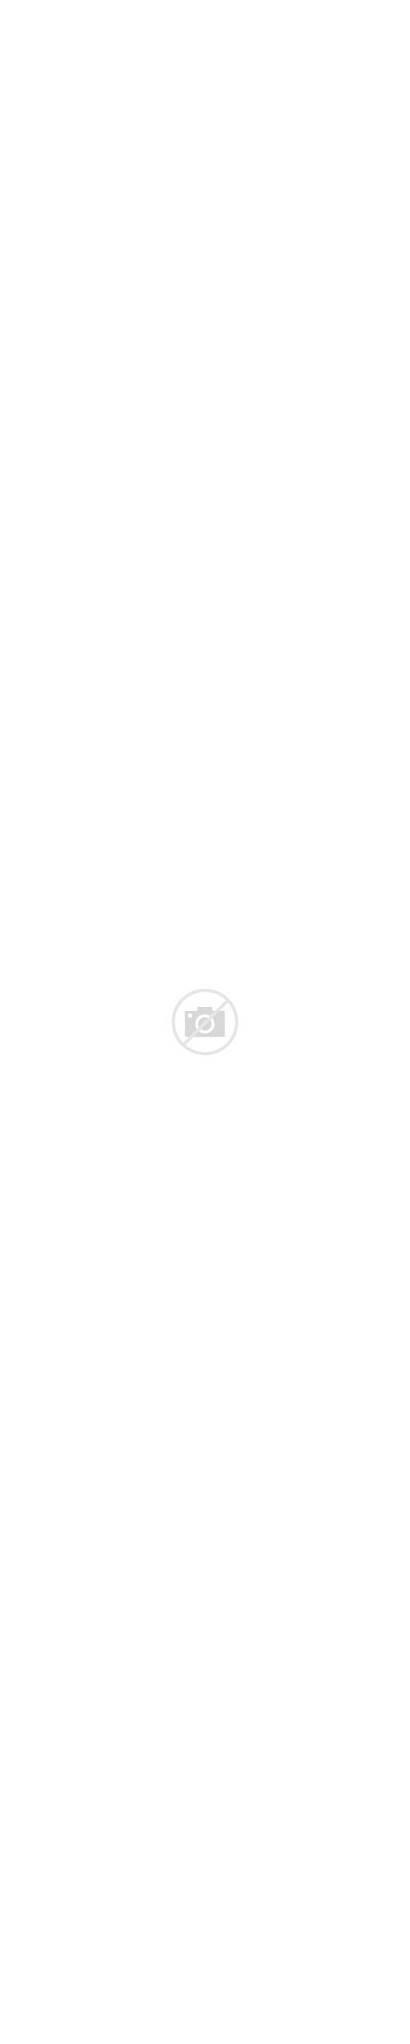 Spoon Clip Vgosn